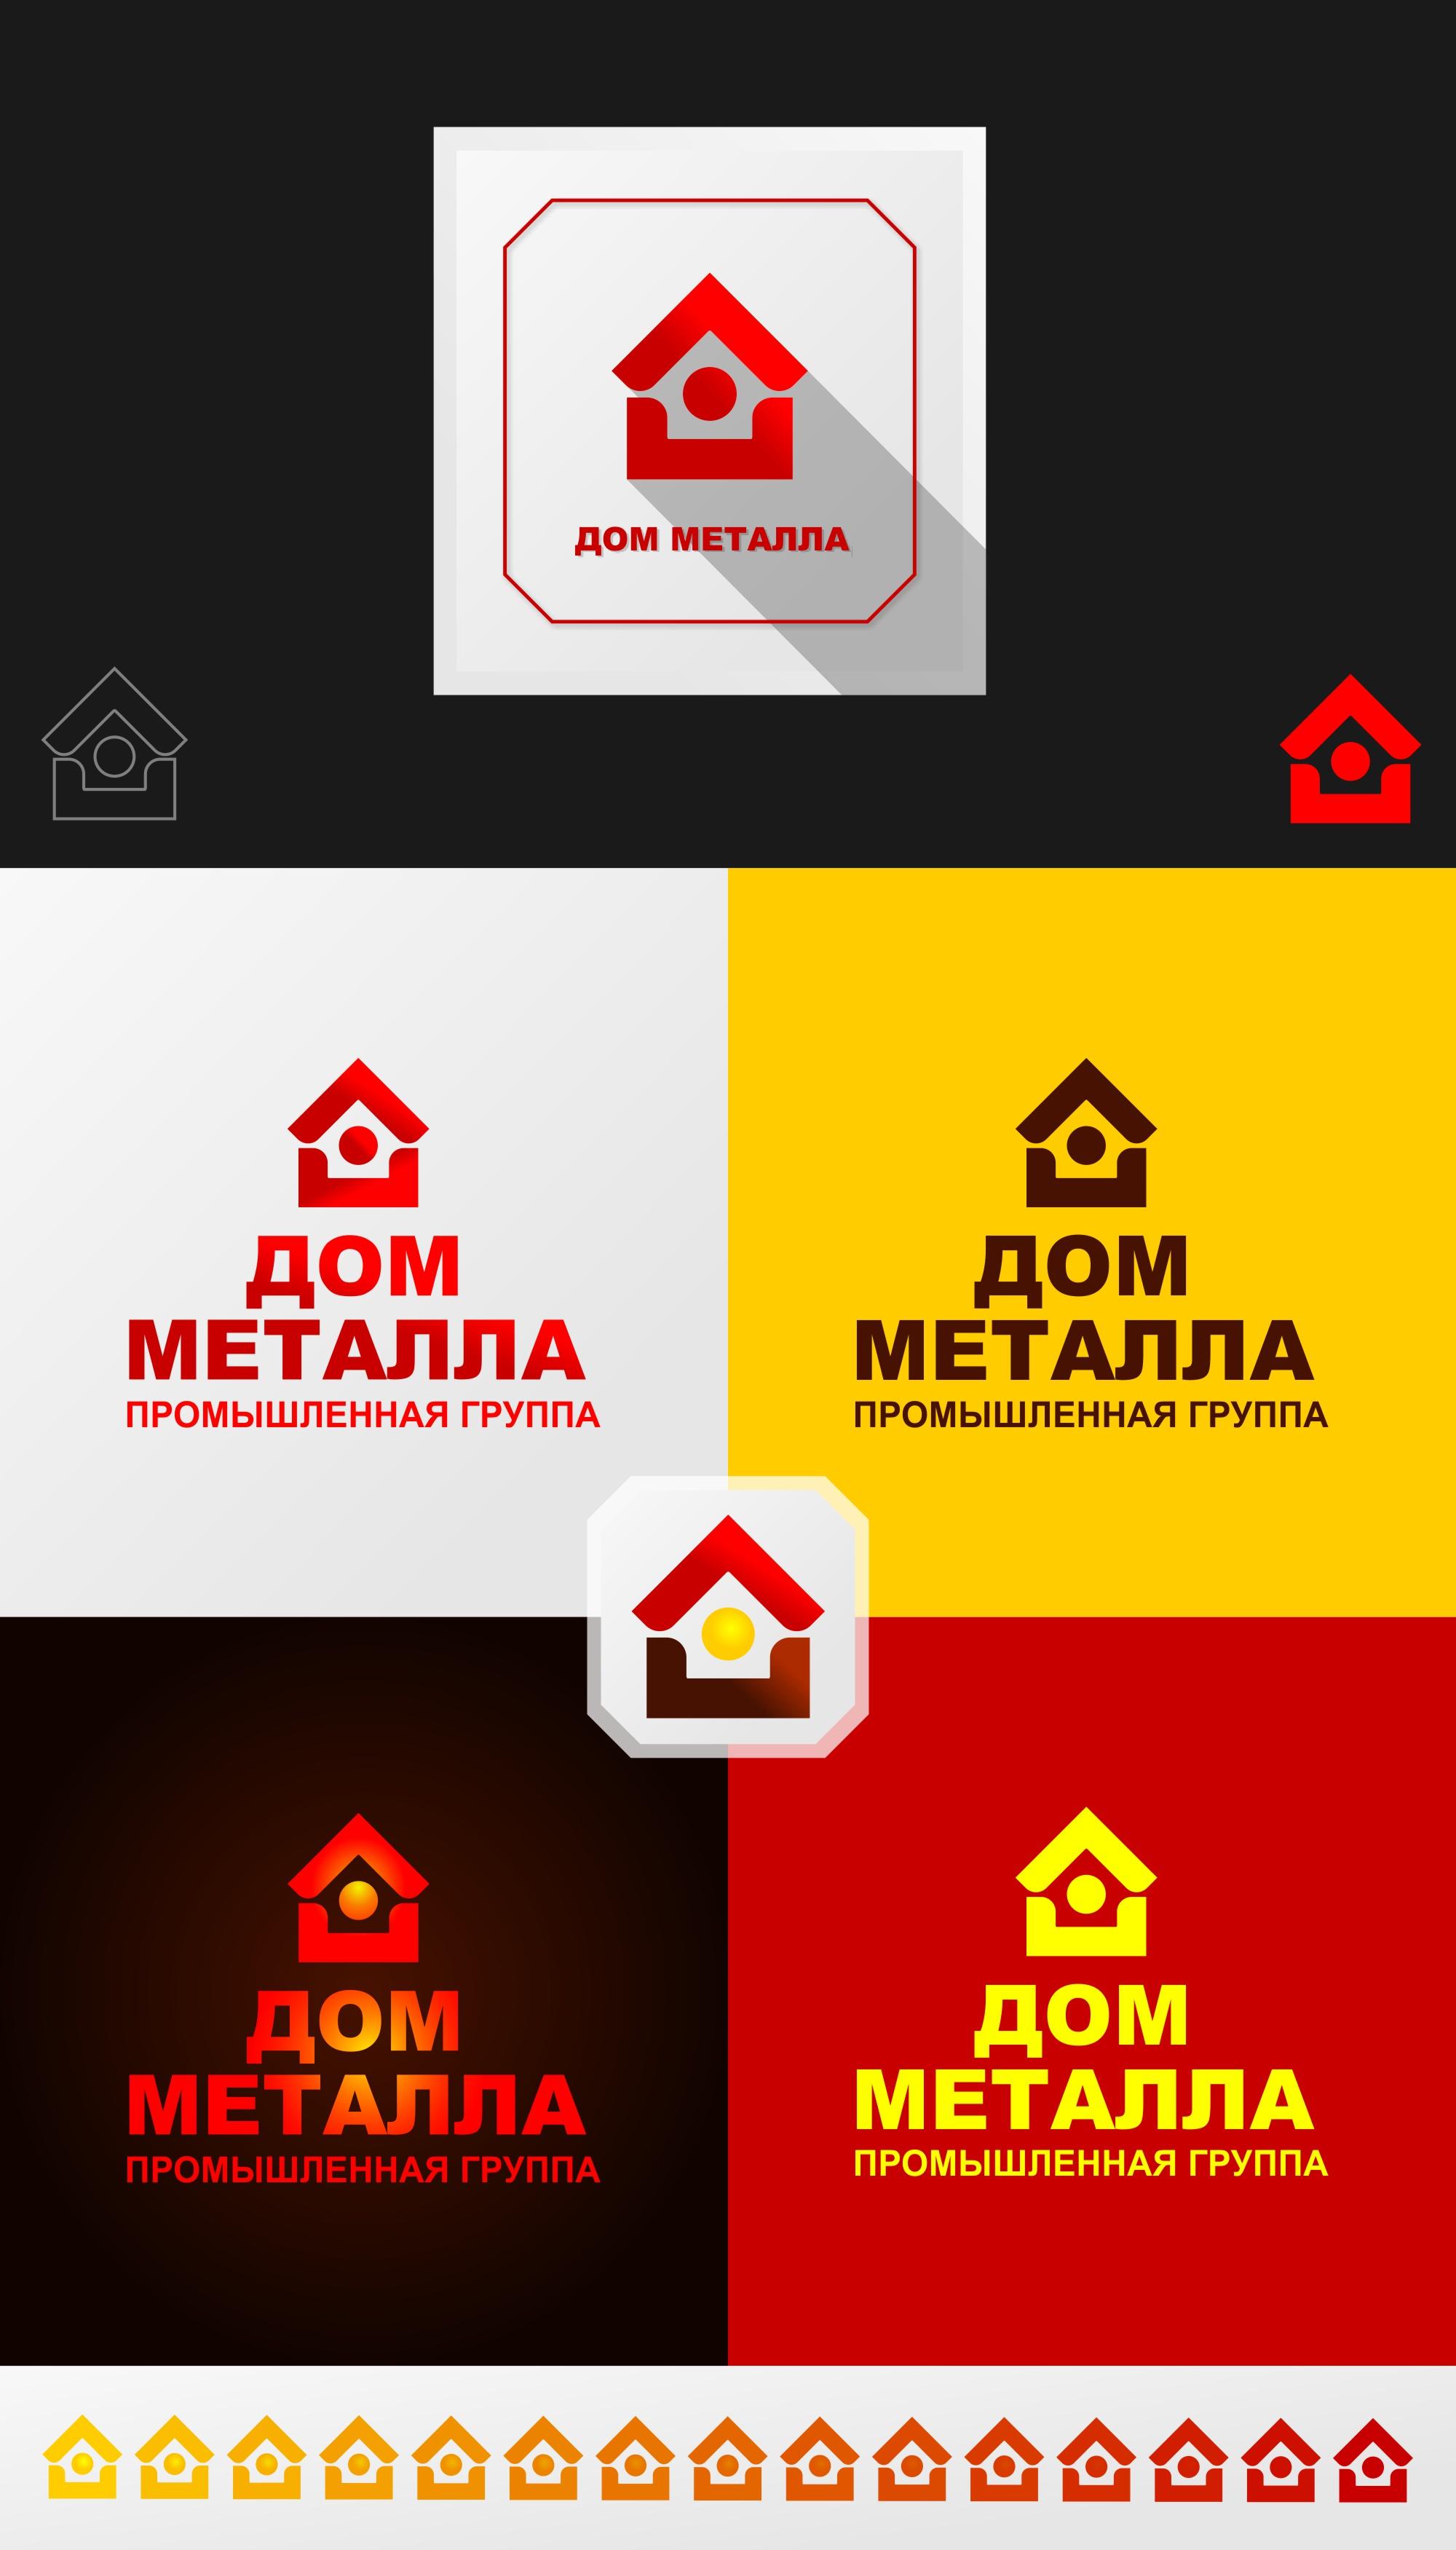 Разработка логотипа фото f_7535c5c438fd7aac.jpg